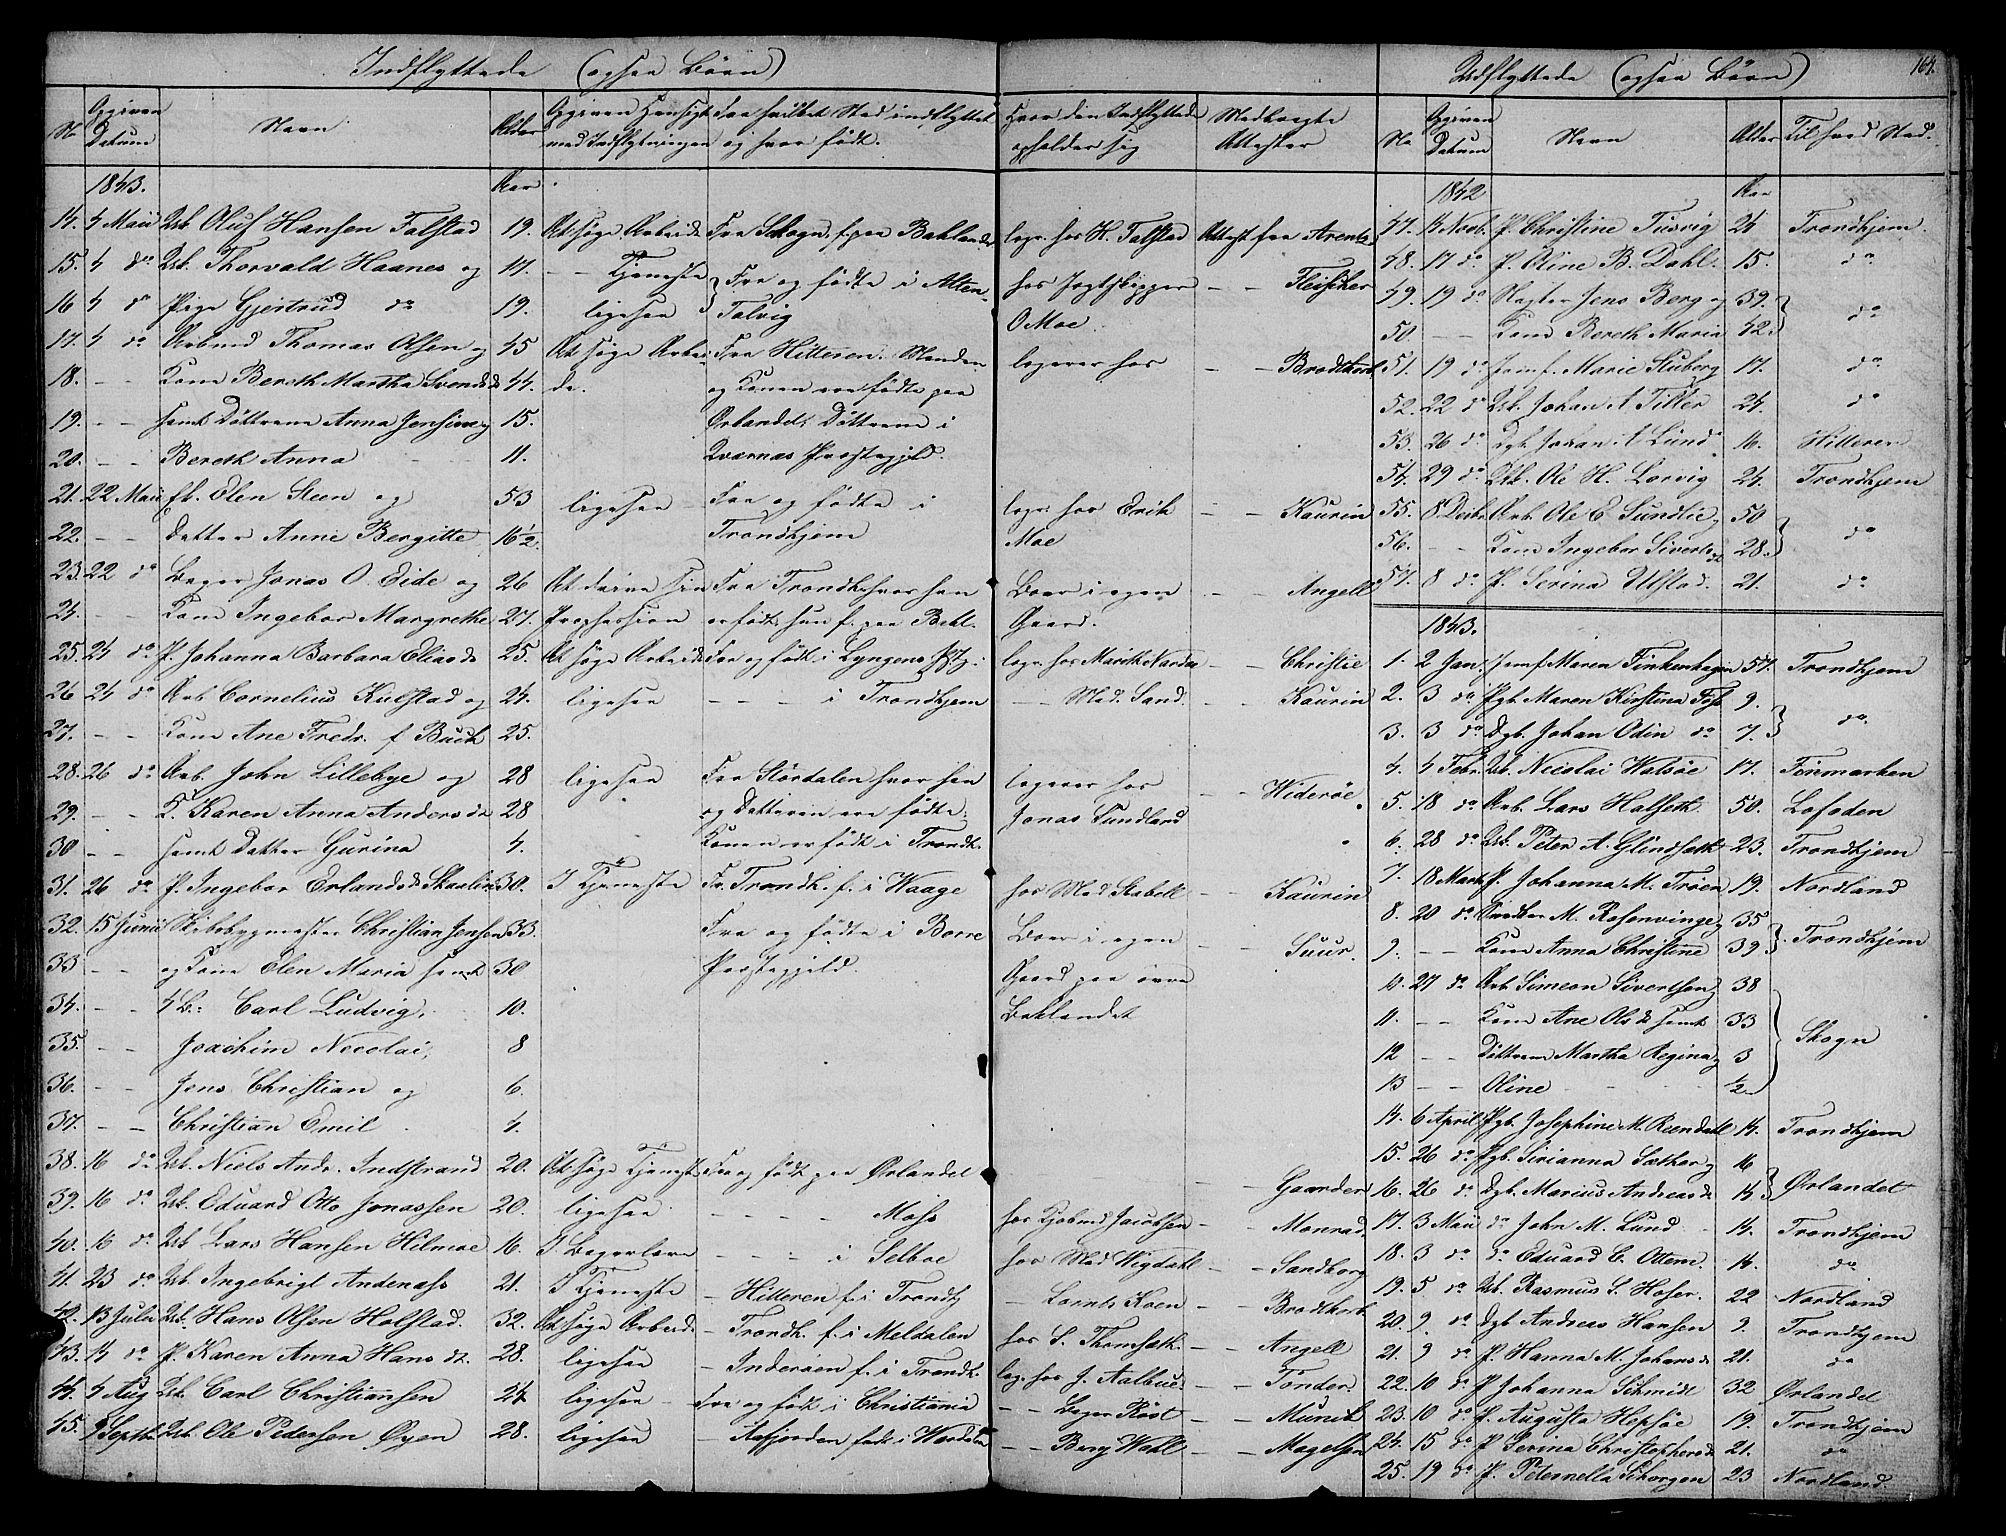 SAT, Ministerialprotokoller, klokkerbøker og fødselsregistre - Sør-Trøndelag, 604/L0182: Ministerialbok nr. 604A03, 1818-1850, s. 164